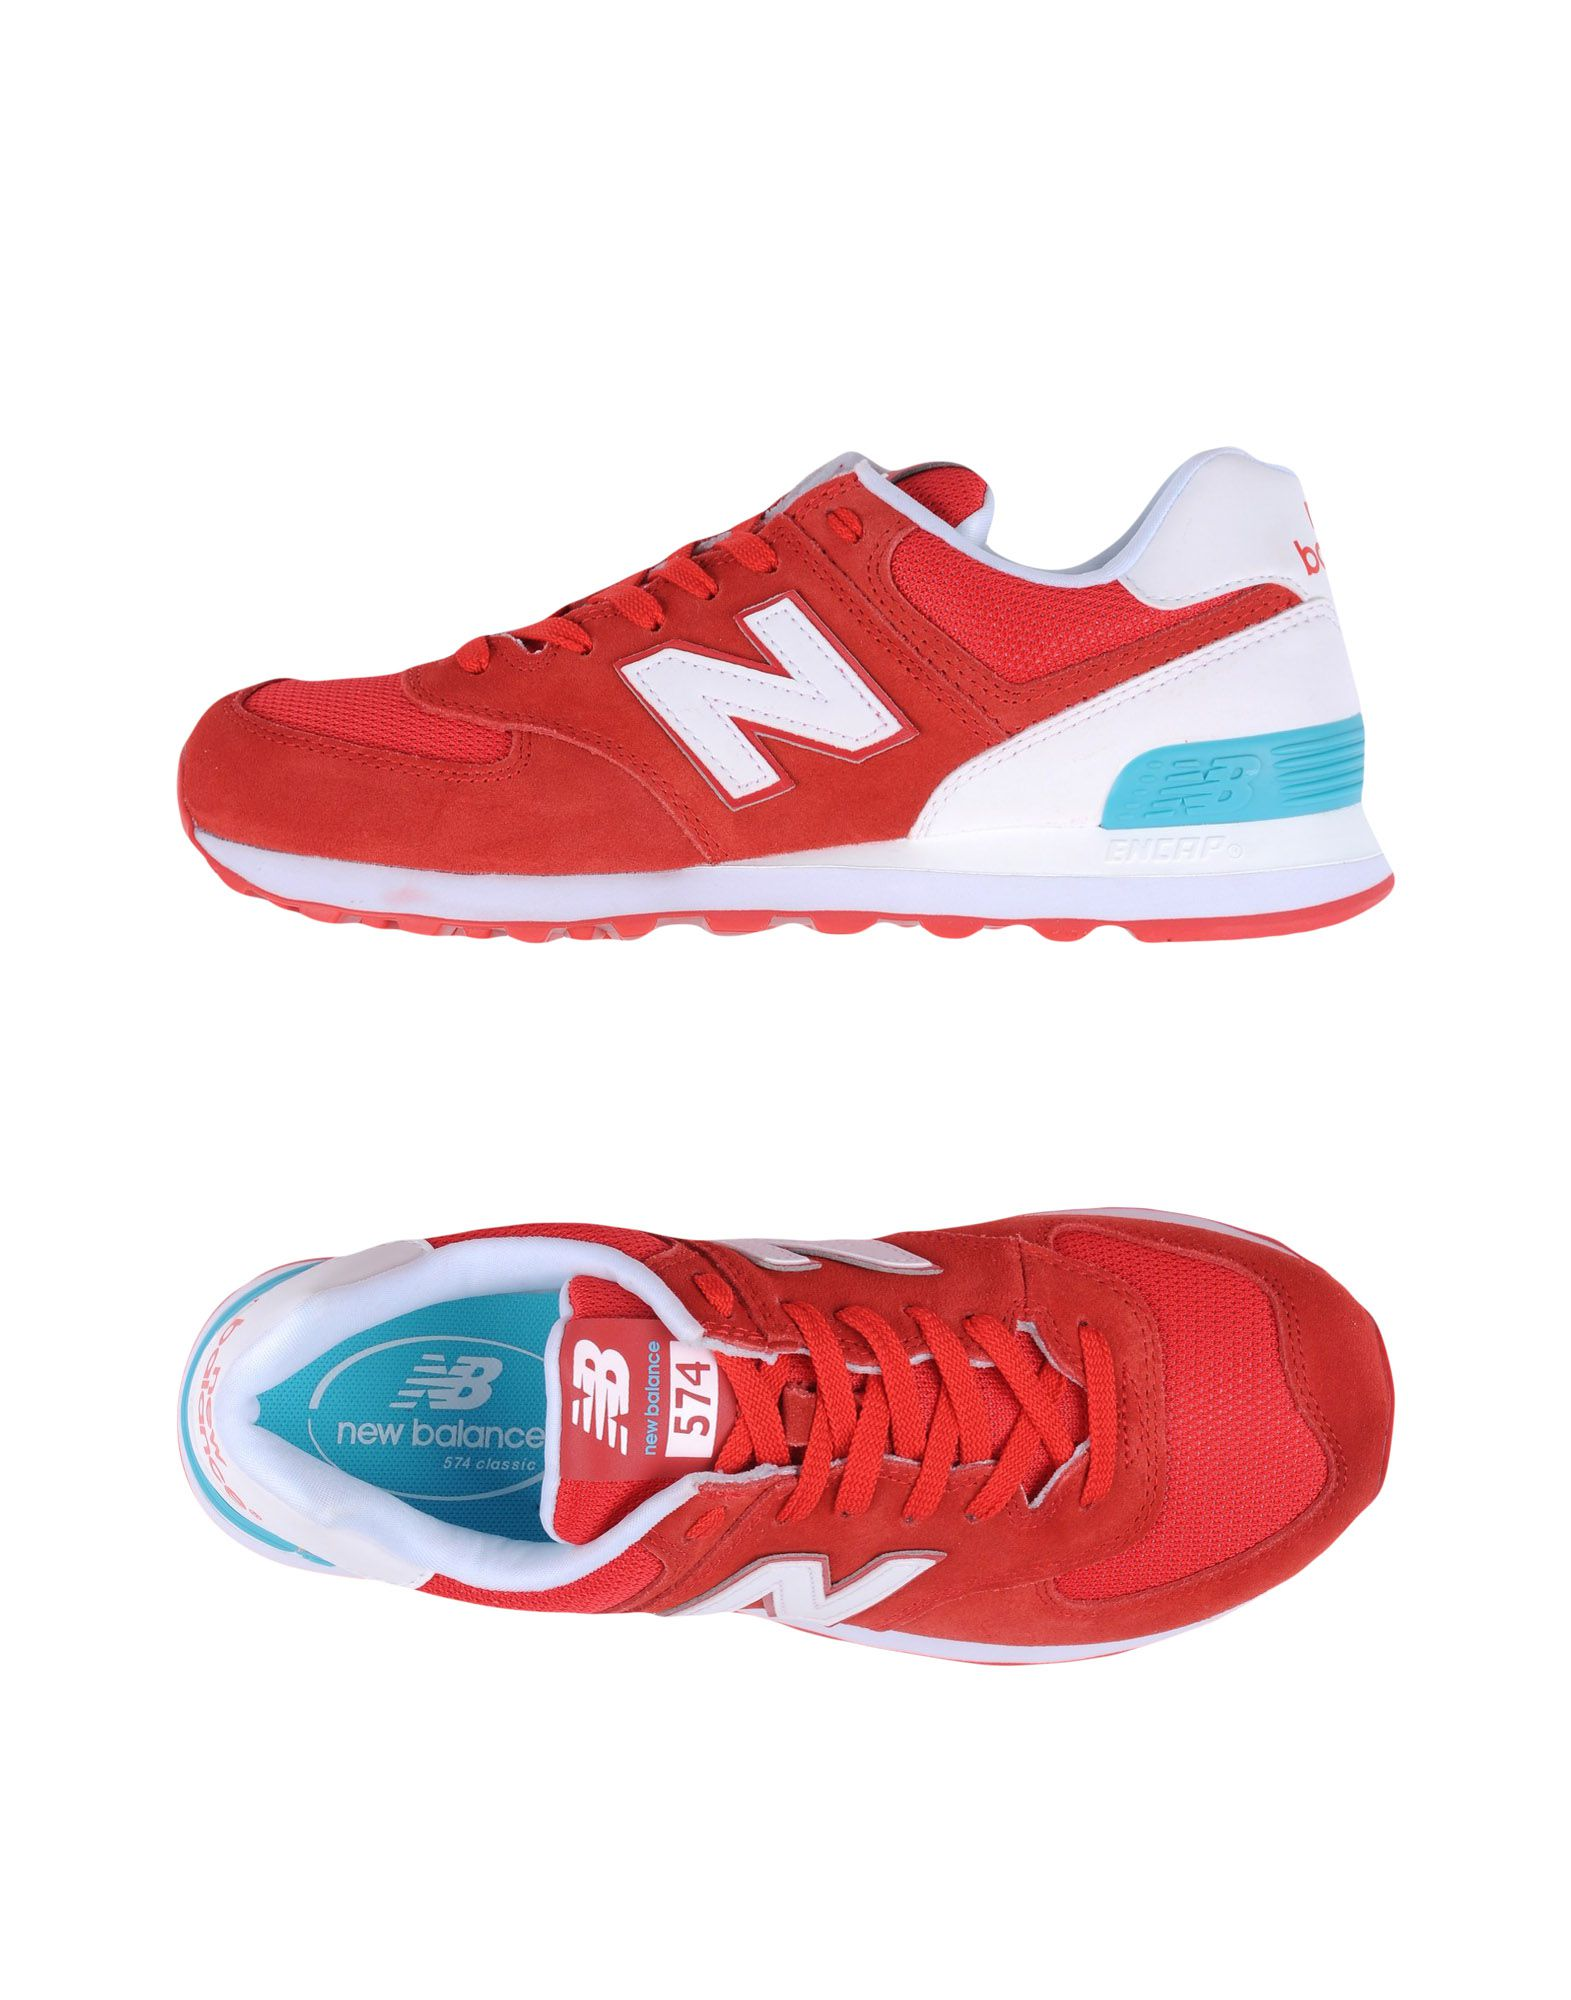 New Balance  574 Suede Mesh Seasonal  Balance 11195912EU Gute Qualität beliebte Schuhe 308ee9